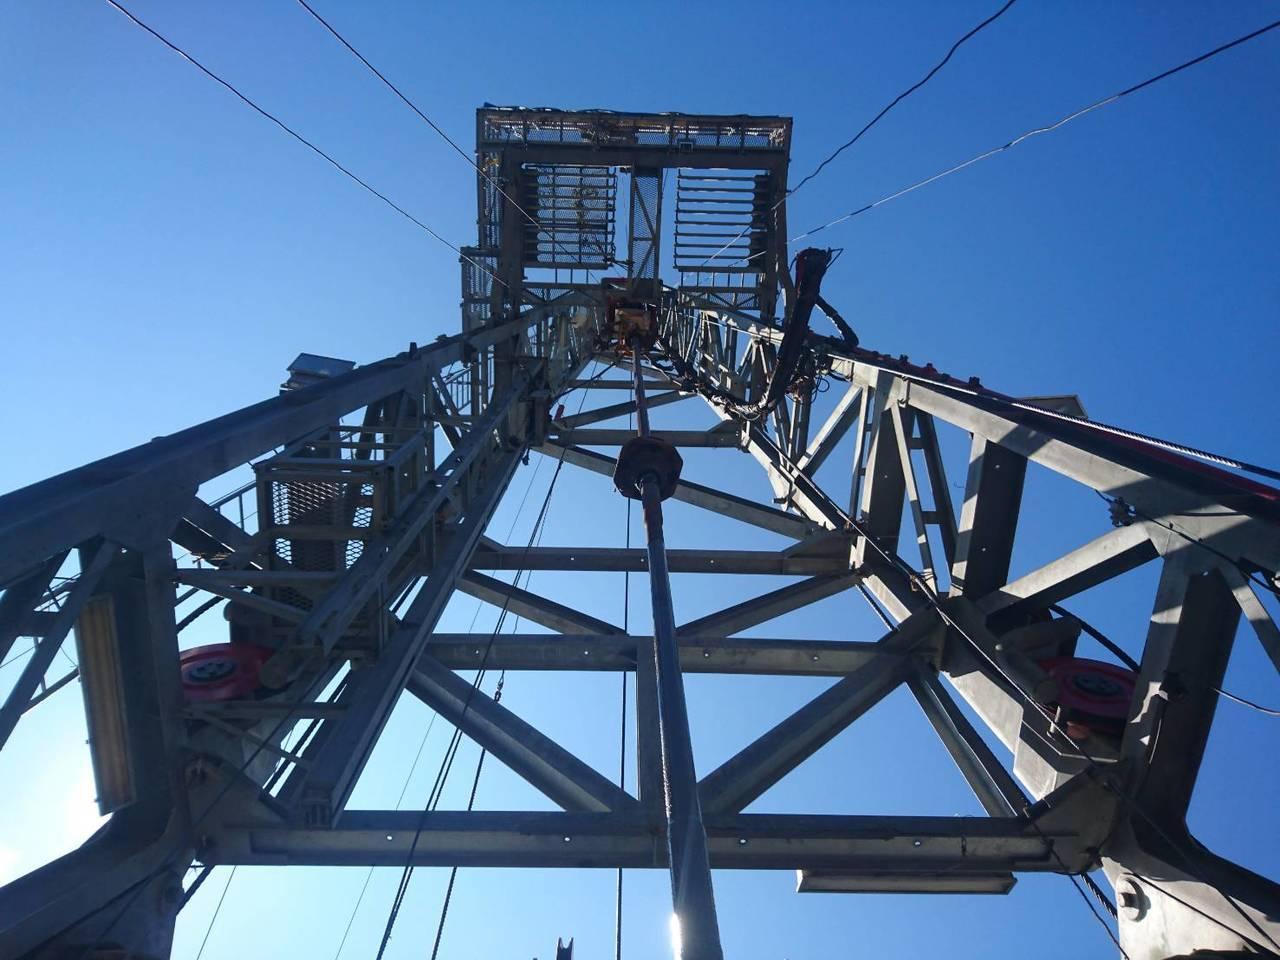 台電今(15)日回應表示,六氟化硫是電器業者用在電力設備中作為主要的絕緣材料,是...